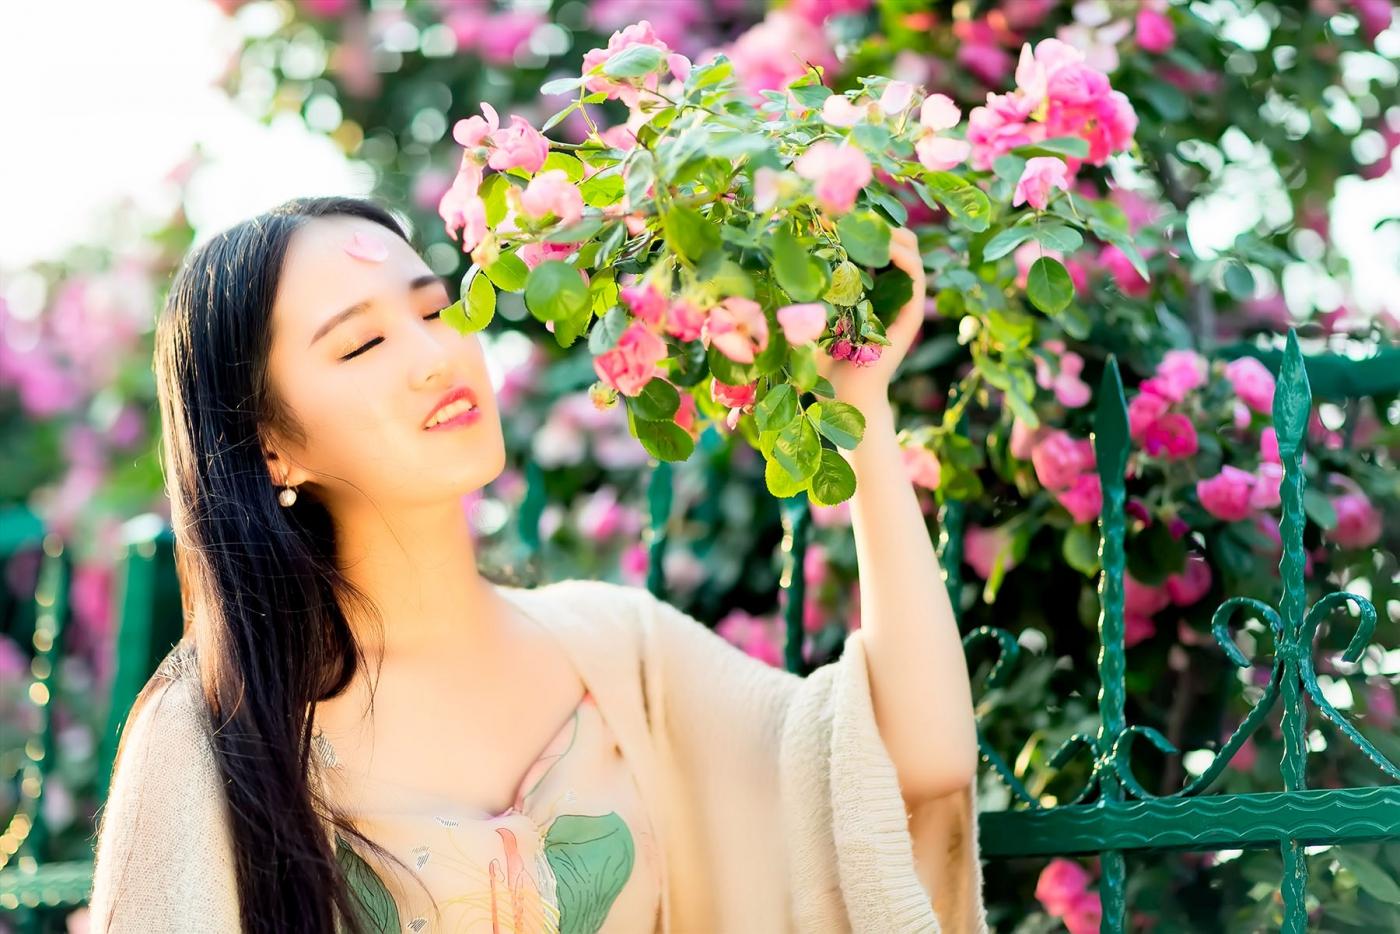 蔷薇·阳光·女孩 去见你想见的人吧_图1-4